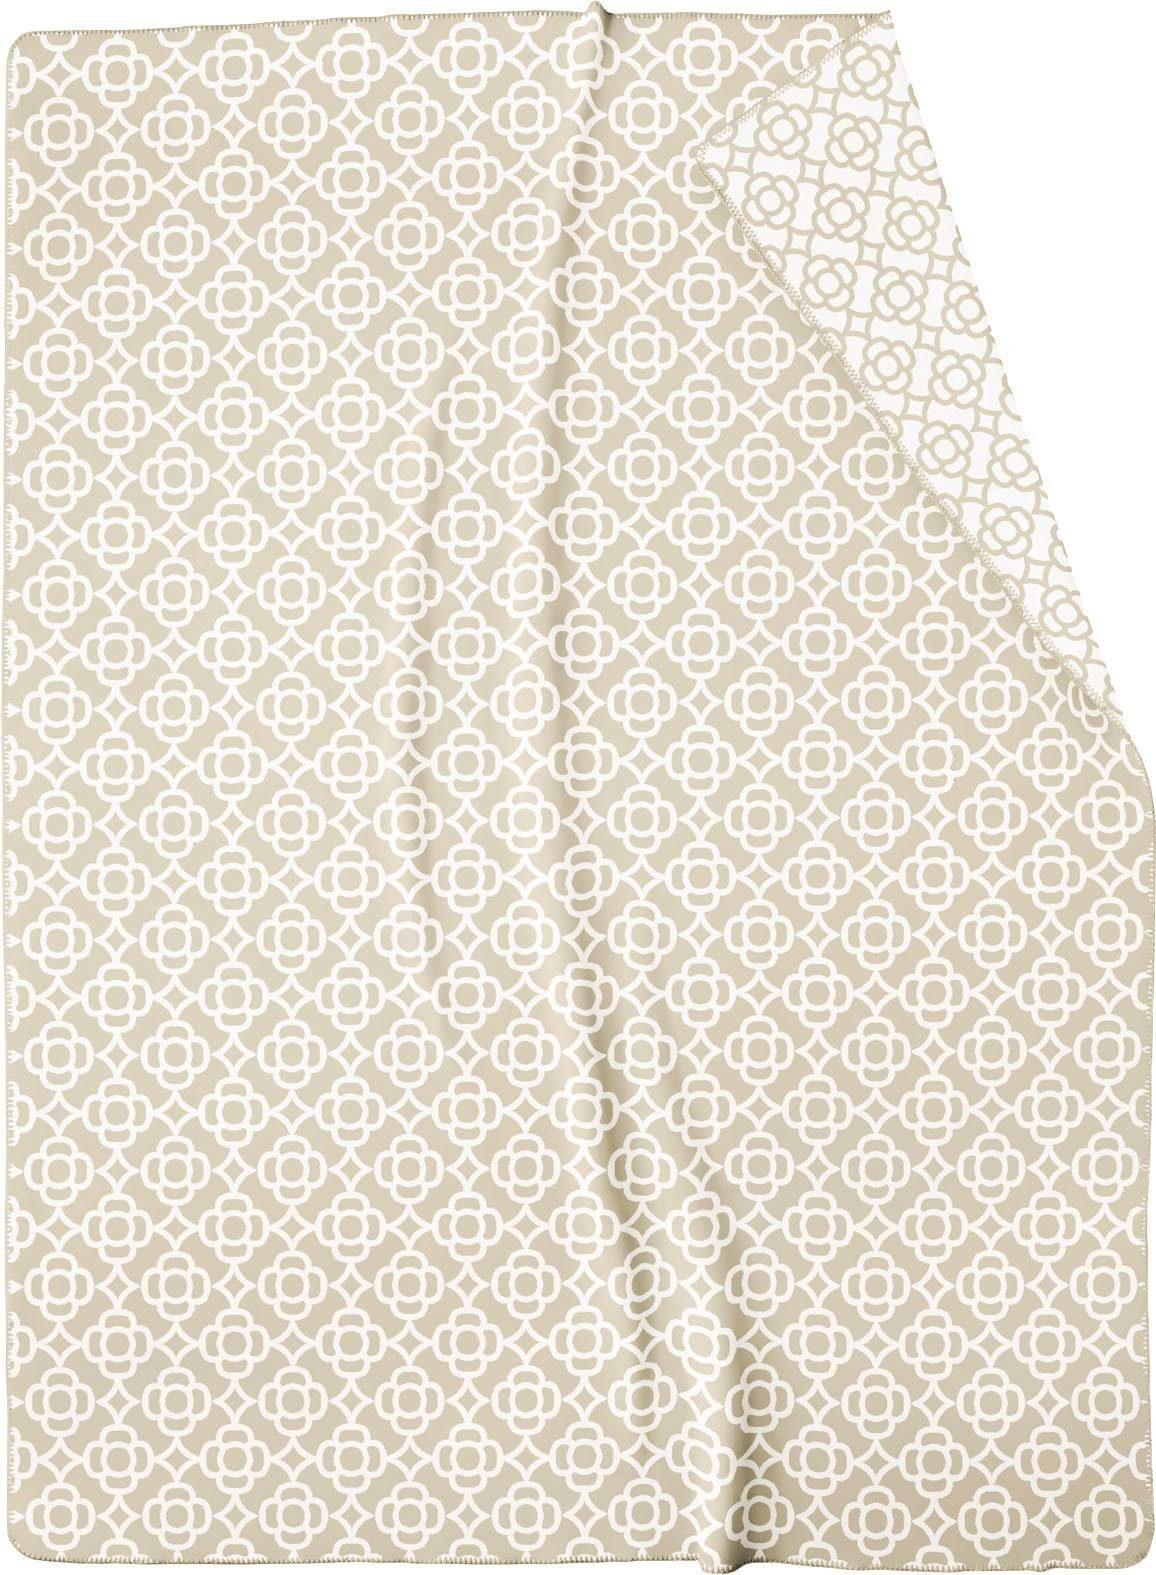 Wohndecke »Mosaic«, BIEDERLACK, mit besonderem Muster